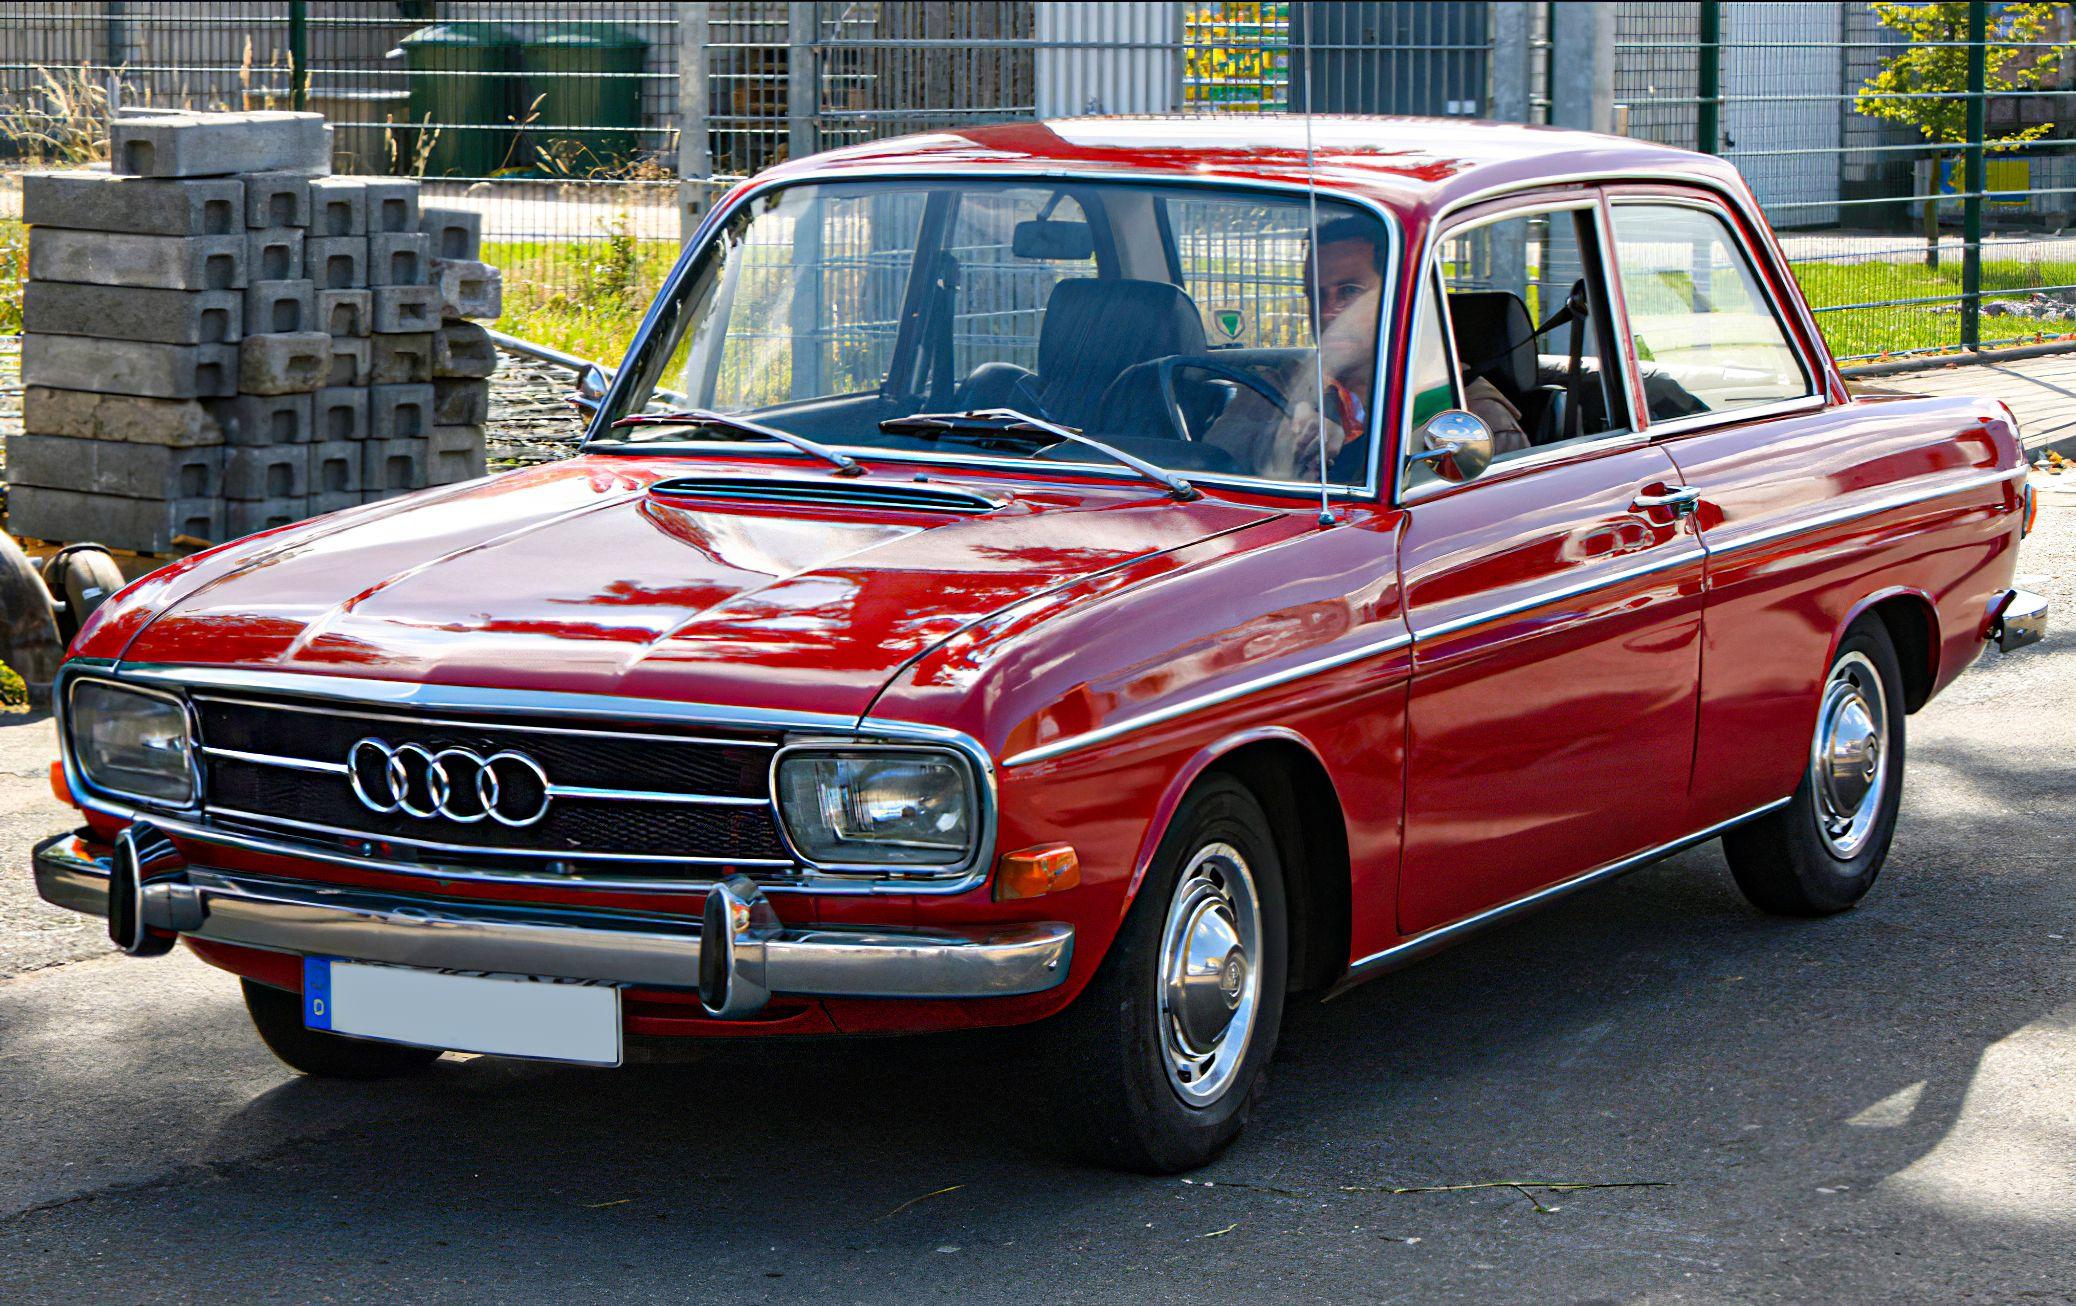 1970 Audi 60 L in 2020 | Bmw3, Oldtimer